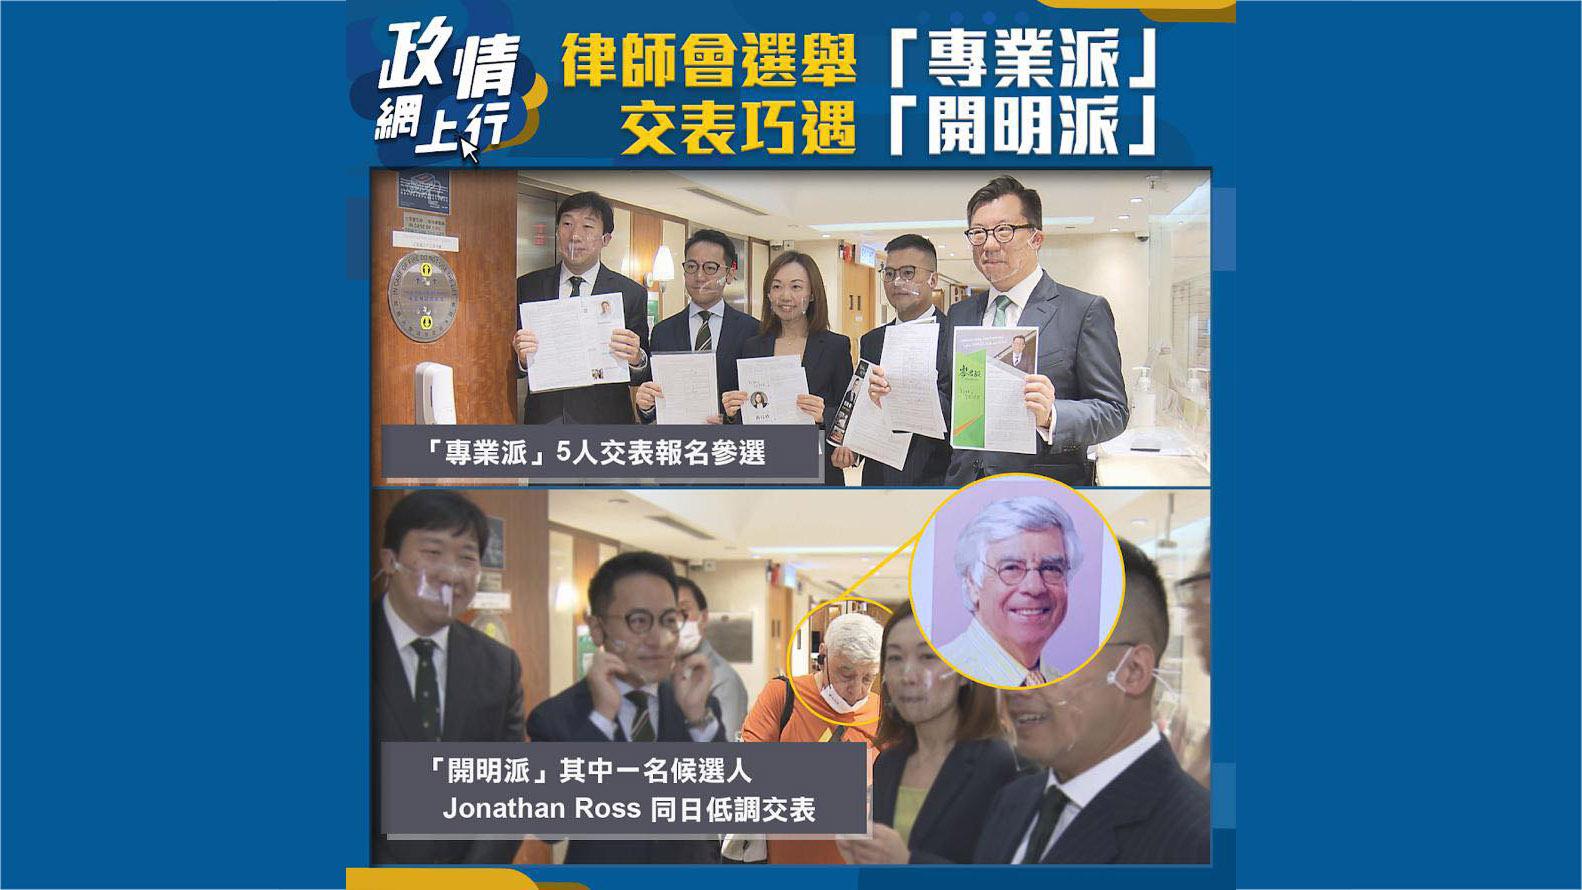 【政情網上行】律師會選舉「專業派」交表巧遇「開明派」